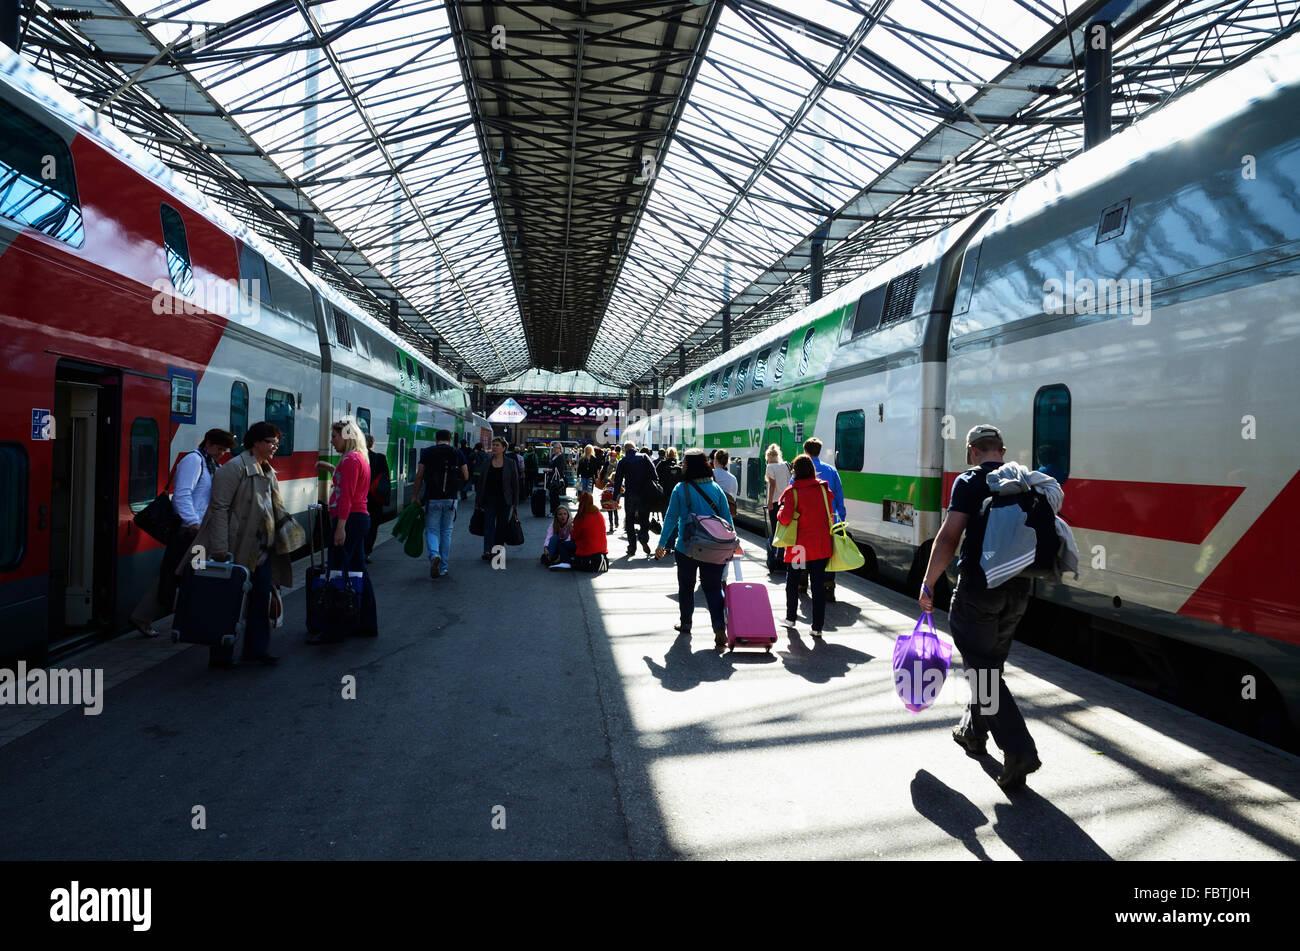 Helsinki Central railway station. Helsinki, Uusimaa. Finland - Stock Image